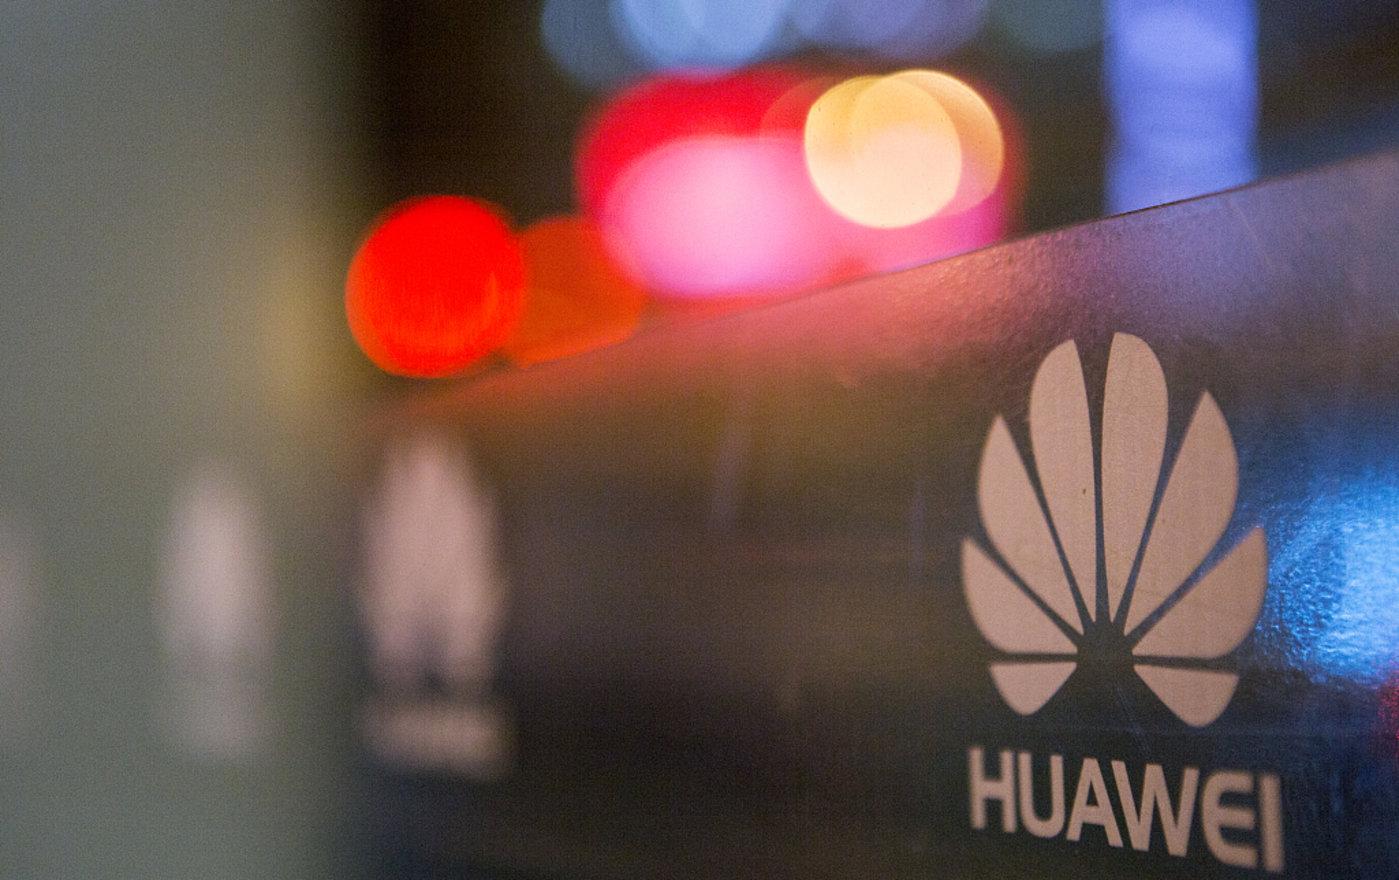 因华为限制令升级,华为海思中国台湾部门工程师正在大量流失